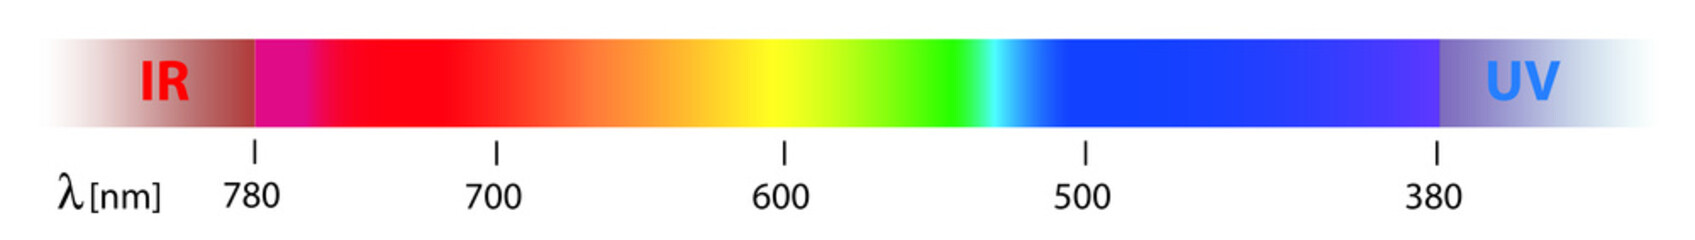 sunlight spectrum